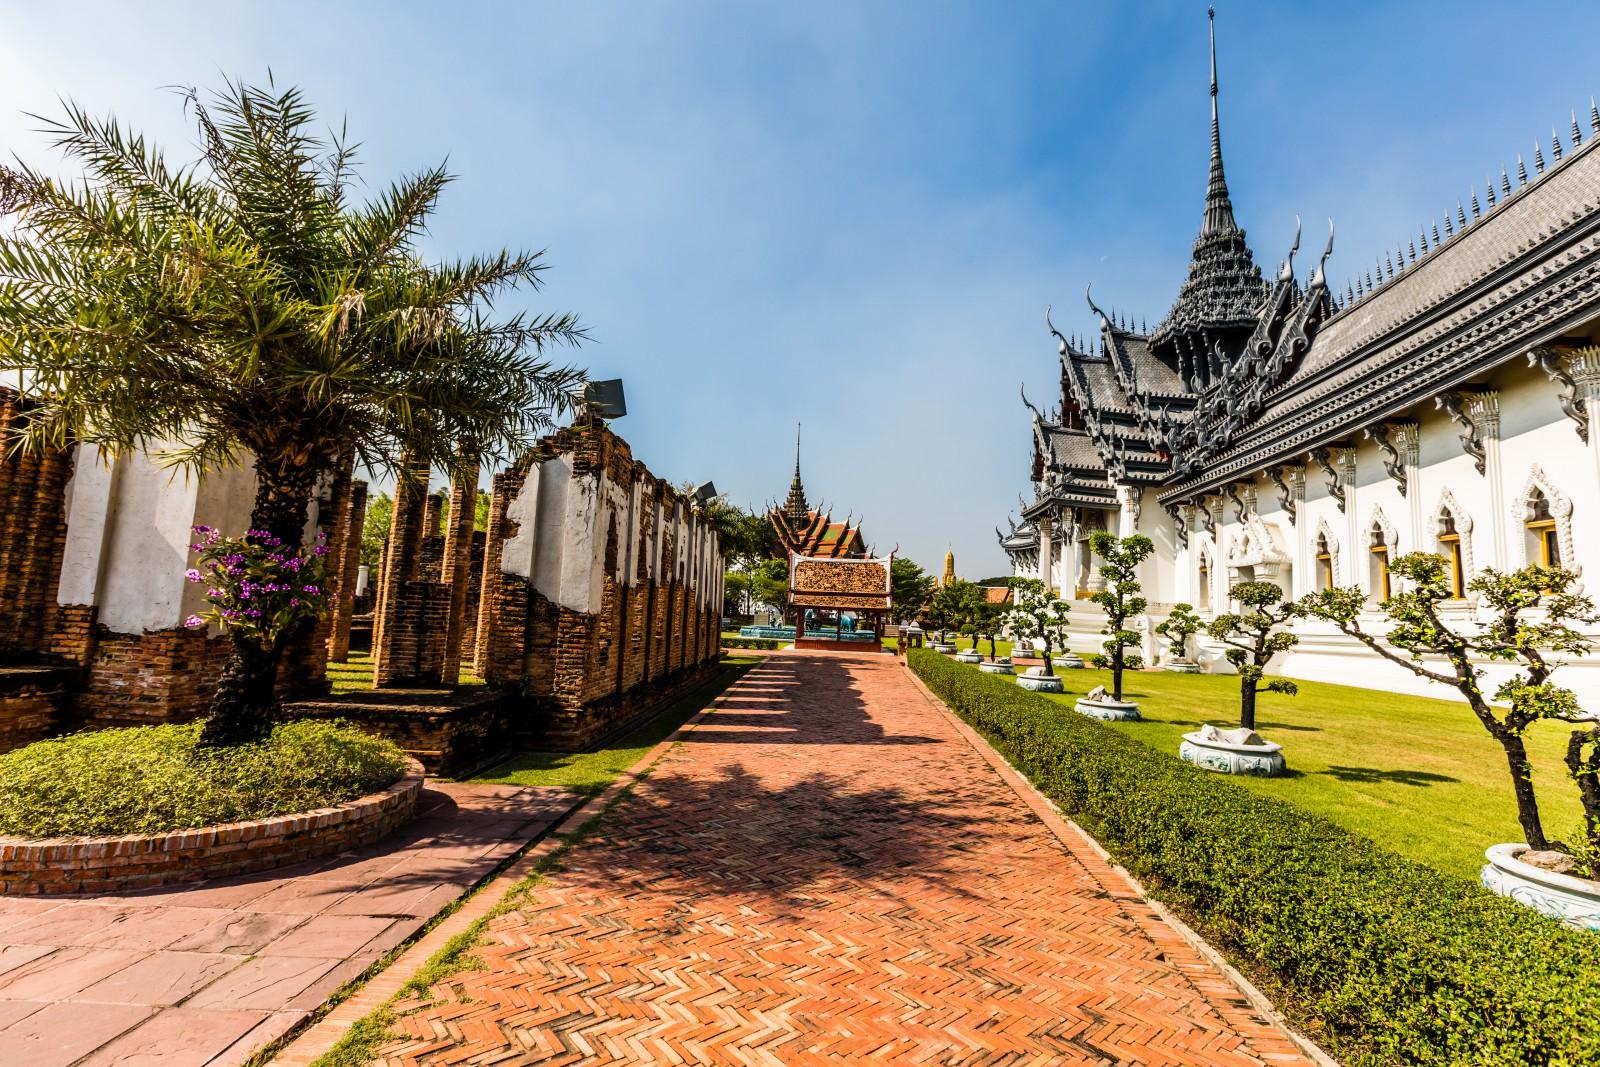 Парк «Древний город» (Mueang Boran, Ancient Siam) в Бангкоке